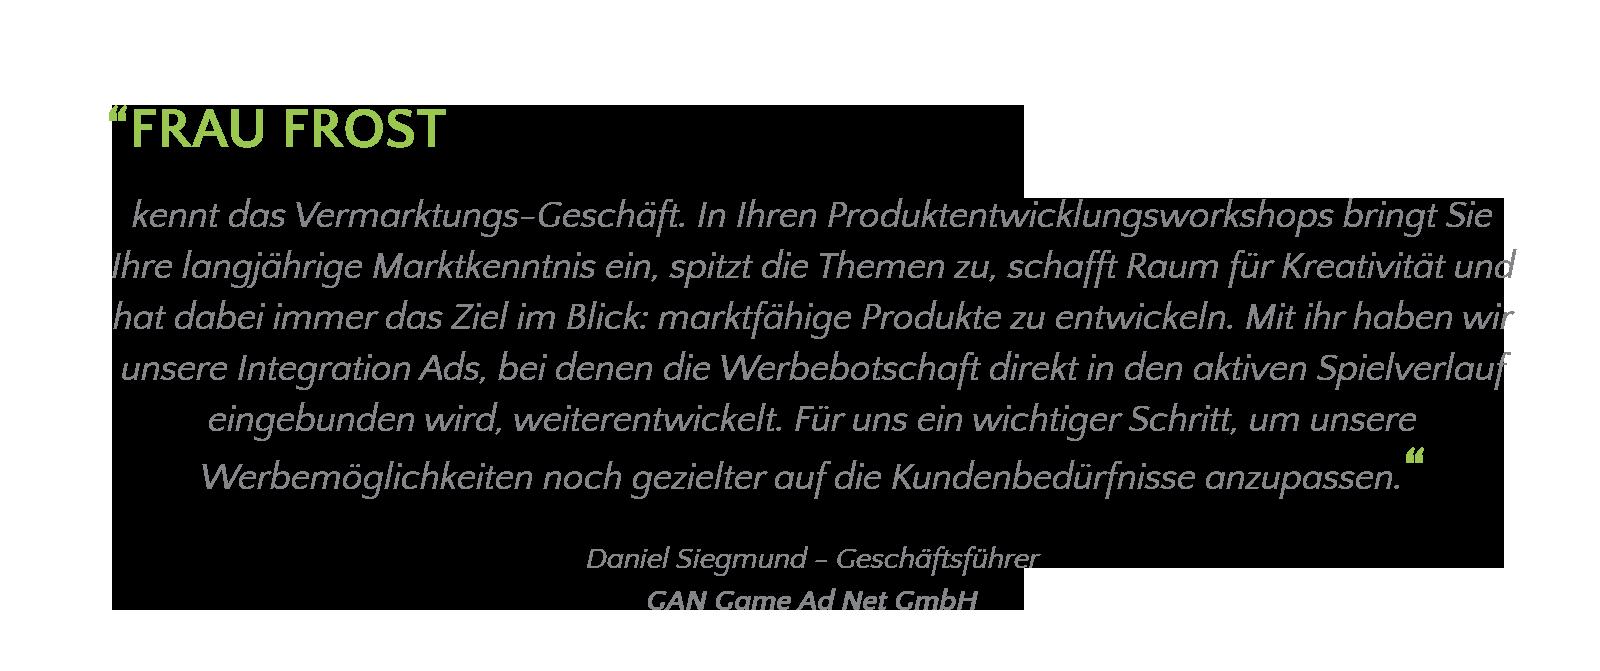 Carola Frost Produktentwicklung Media Empfehlung